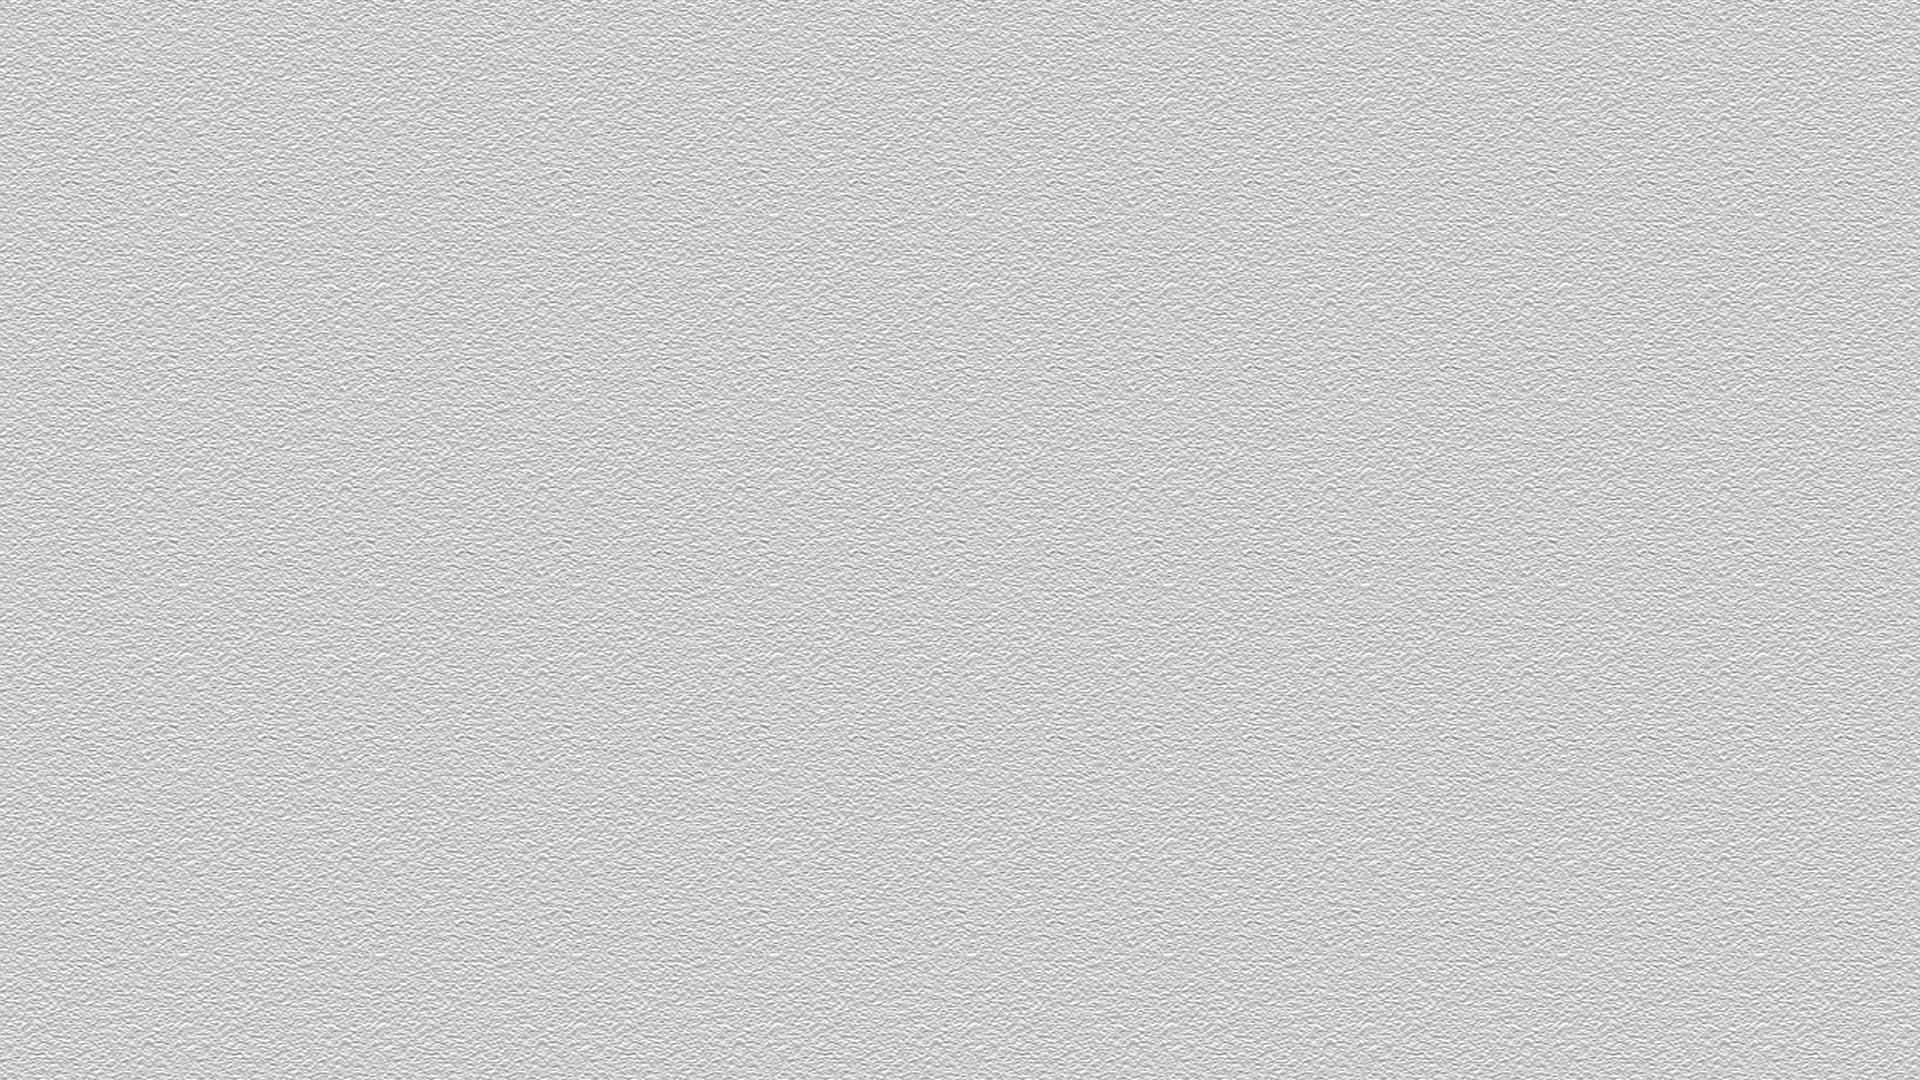 一般的な壁模様2_gray